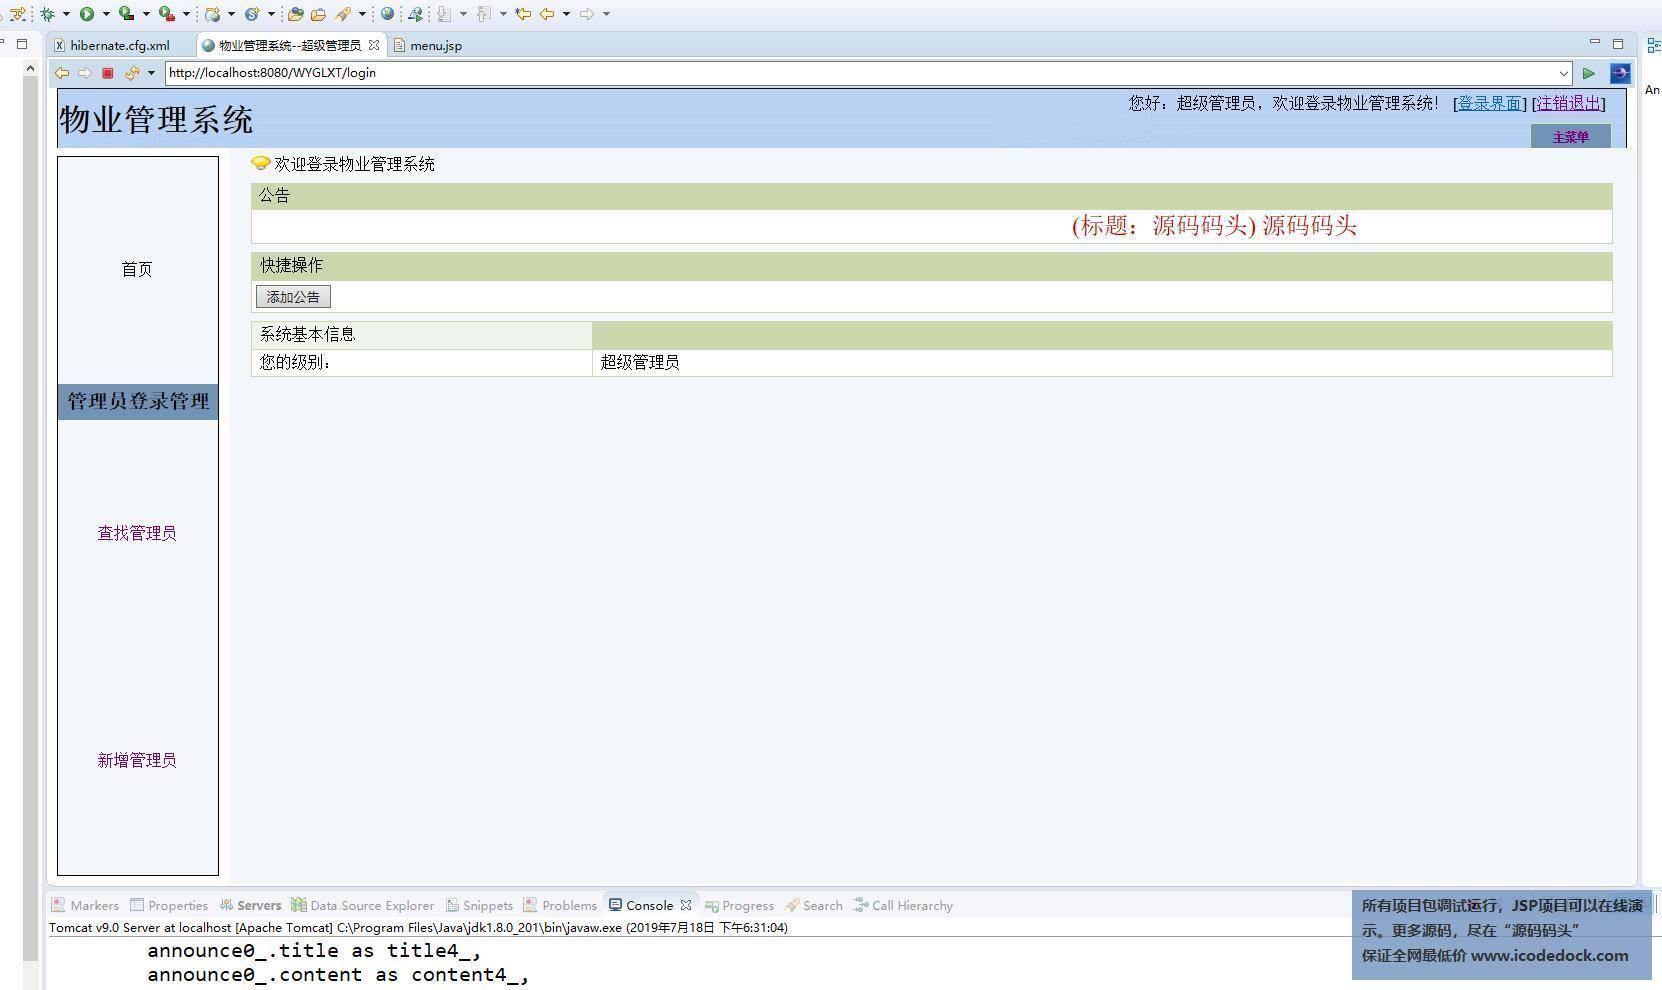 源码码头-SSH小区物业管理系统-超级管理员角色-主页